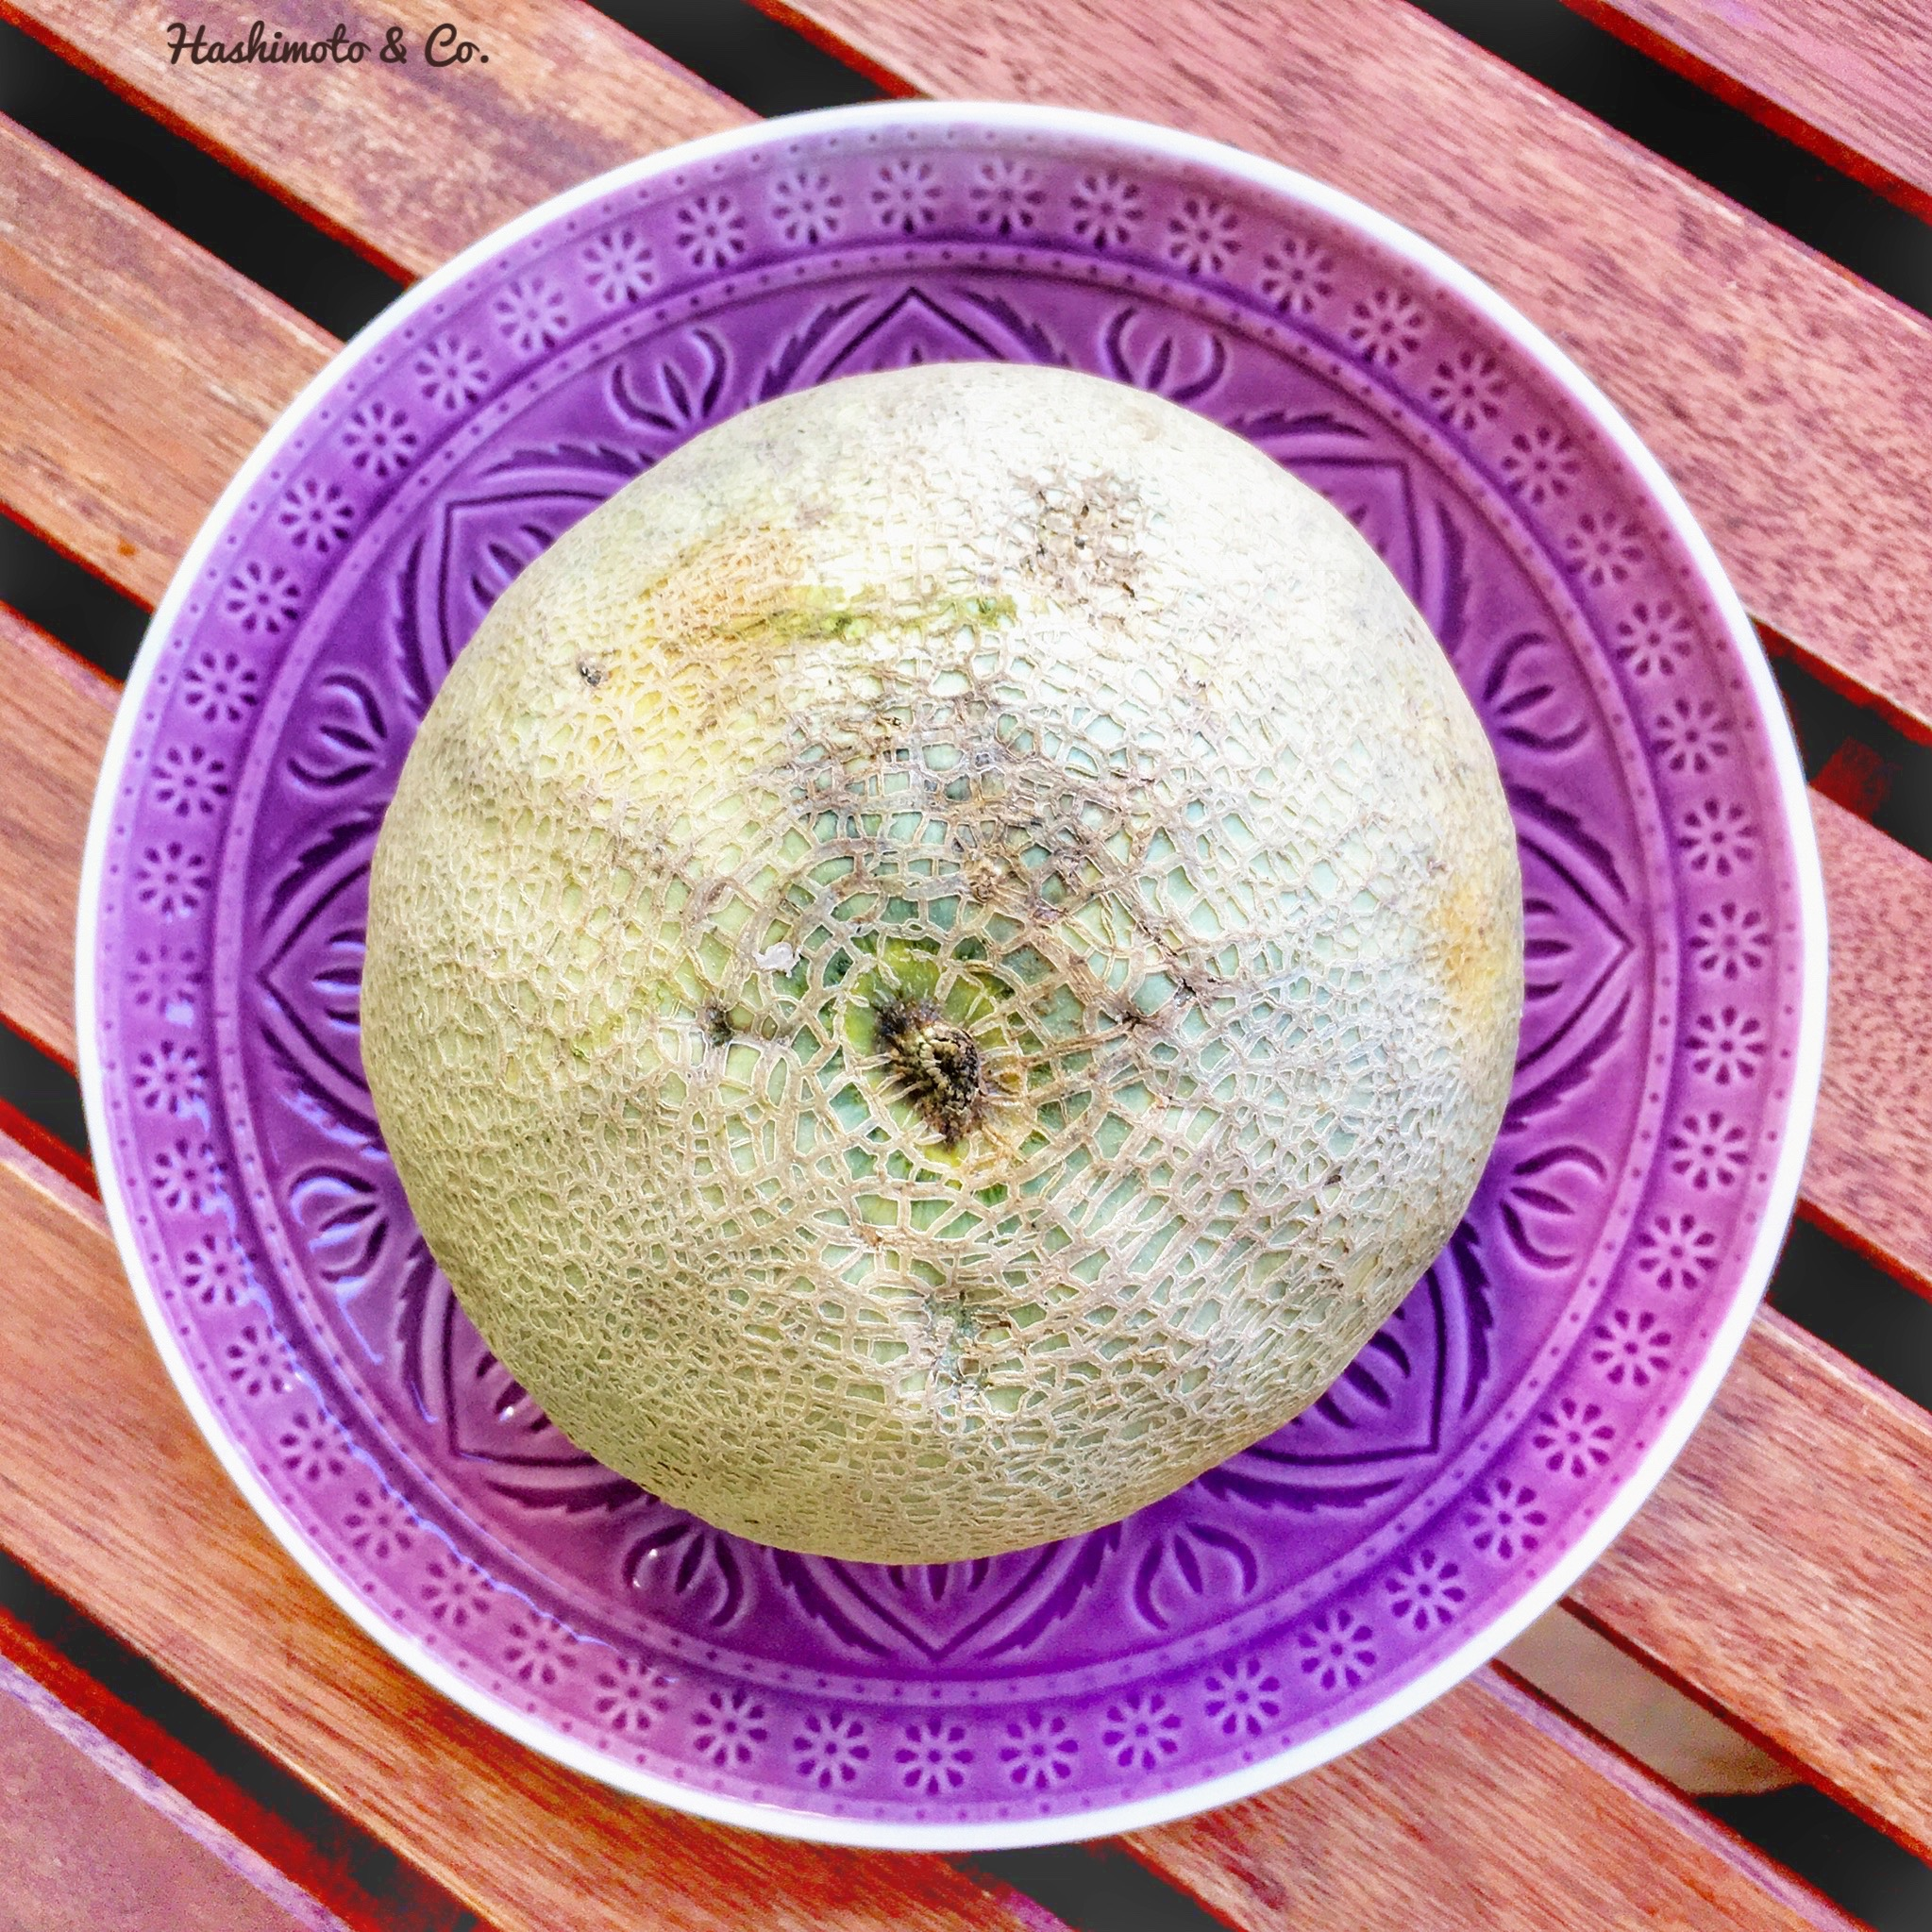 Du liebst Cantaloupe-Melonen? Mit einer ganzen Frucht hast du spielend 20g Fructose aufgenommen.